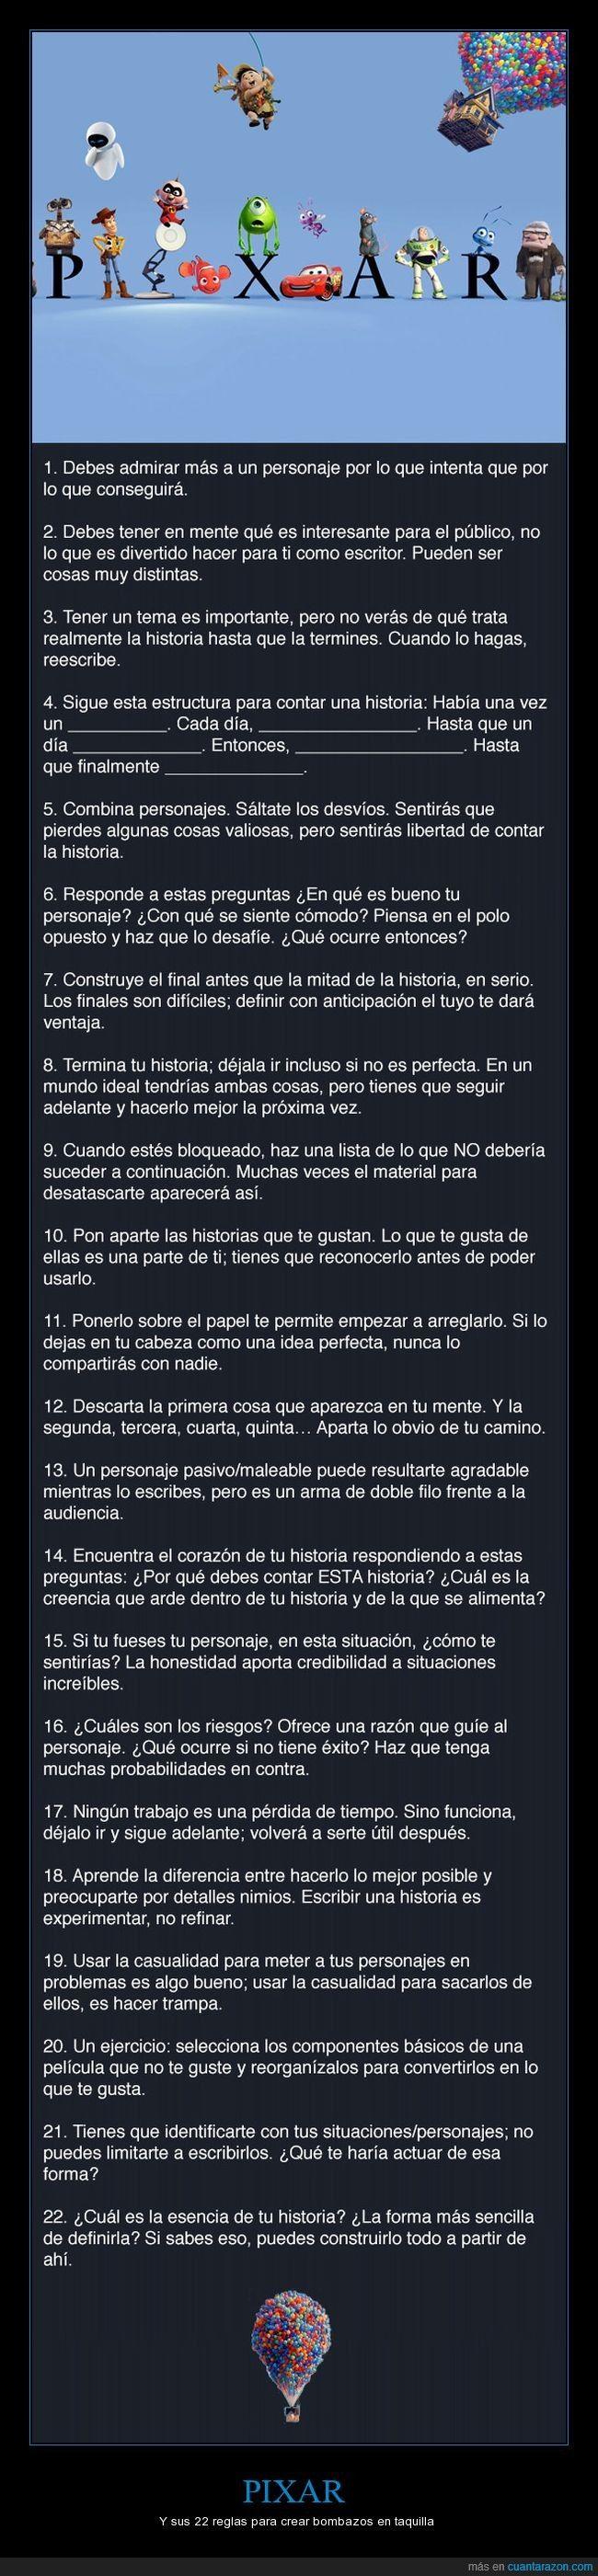 Las 22 reglas de Pixar para crear éxitos en taquilla - Y sus 22 reglas para crear bombazos en taquilla Gracias a http://www.cuantarazon.com/ Si quieres leer la noticia completa visita: http://www.estoy-aburrido.com/las-22-reglas-de-pixar-para-crear-exitos-en-taquilla-y-sus-22-reglas-para-crear-bombazos-en-taquilla/